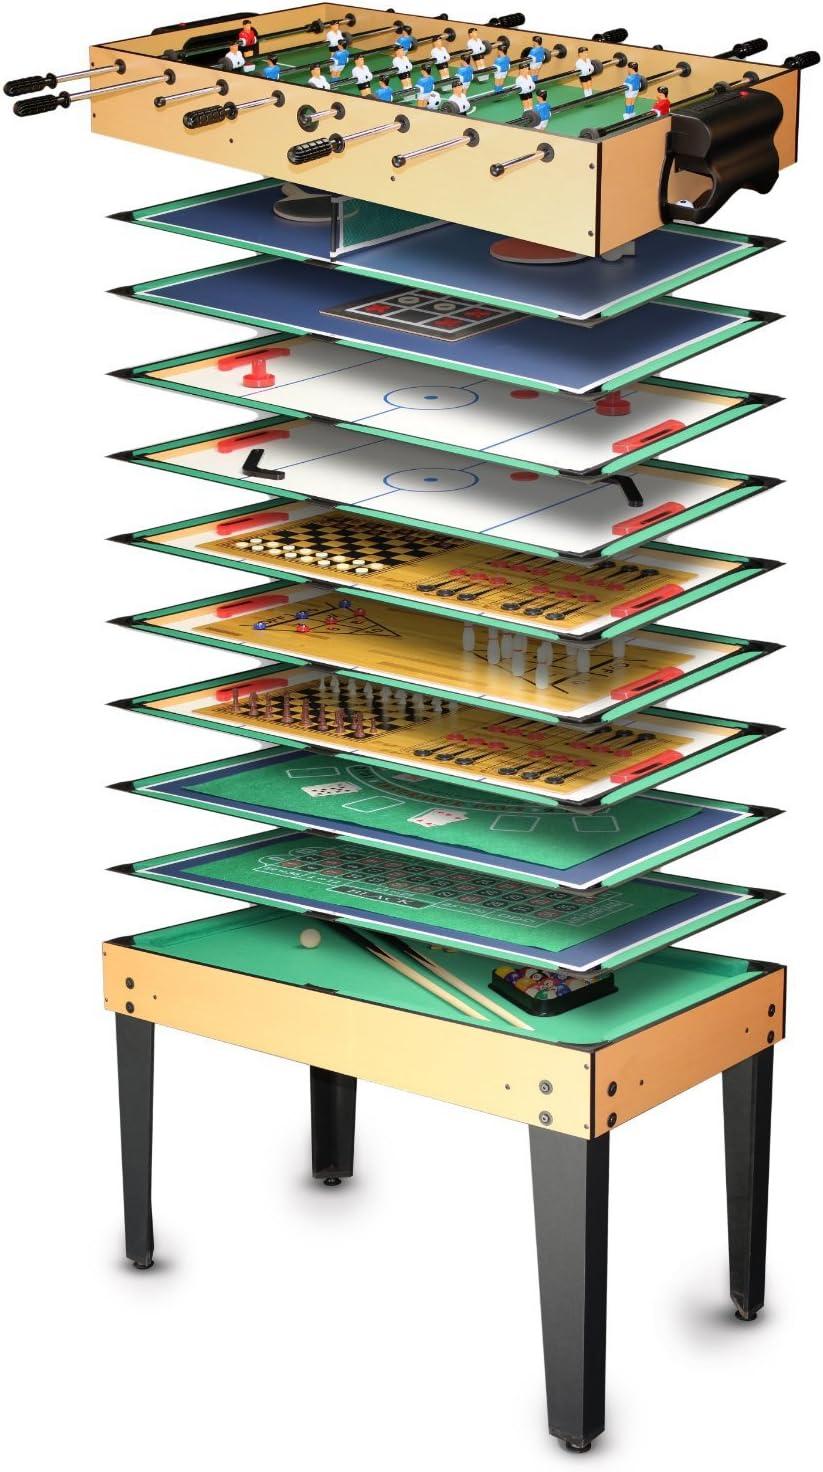 Ultrasport Table Multijeux, 5 Jeux pour Enfants : Mini Babyfoot, Hockey  sur Table, Billard, Ping-Pong, Dames, Échec, Etc., Accessoires Inclus pour